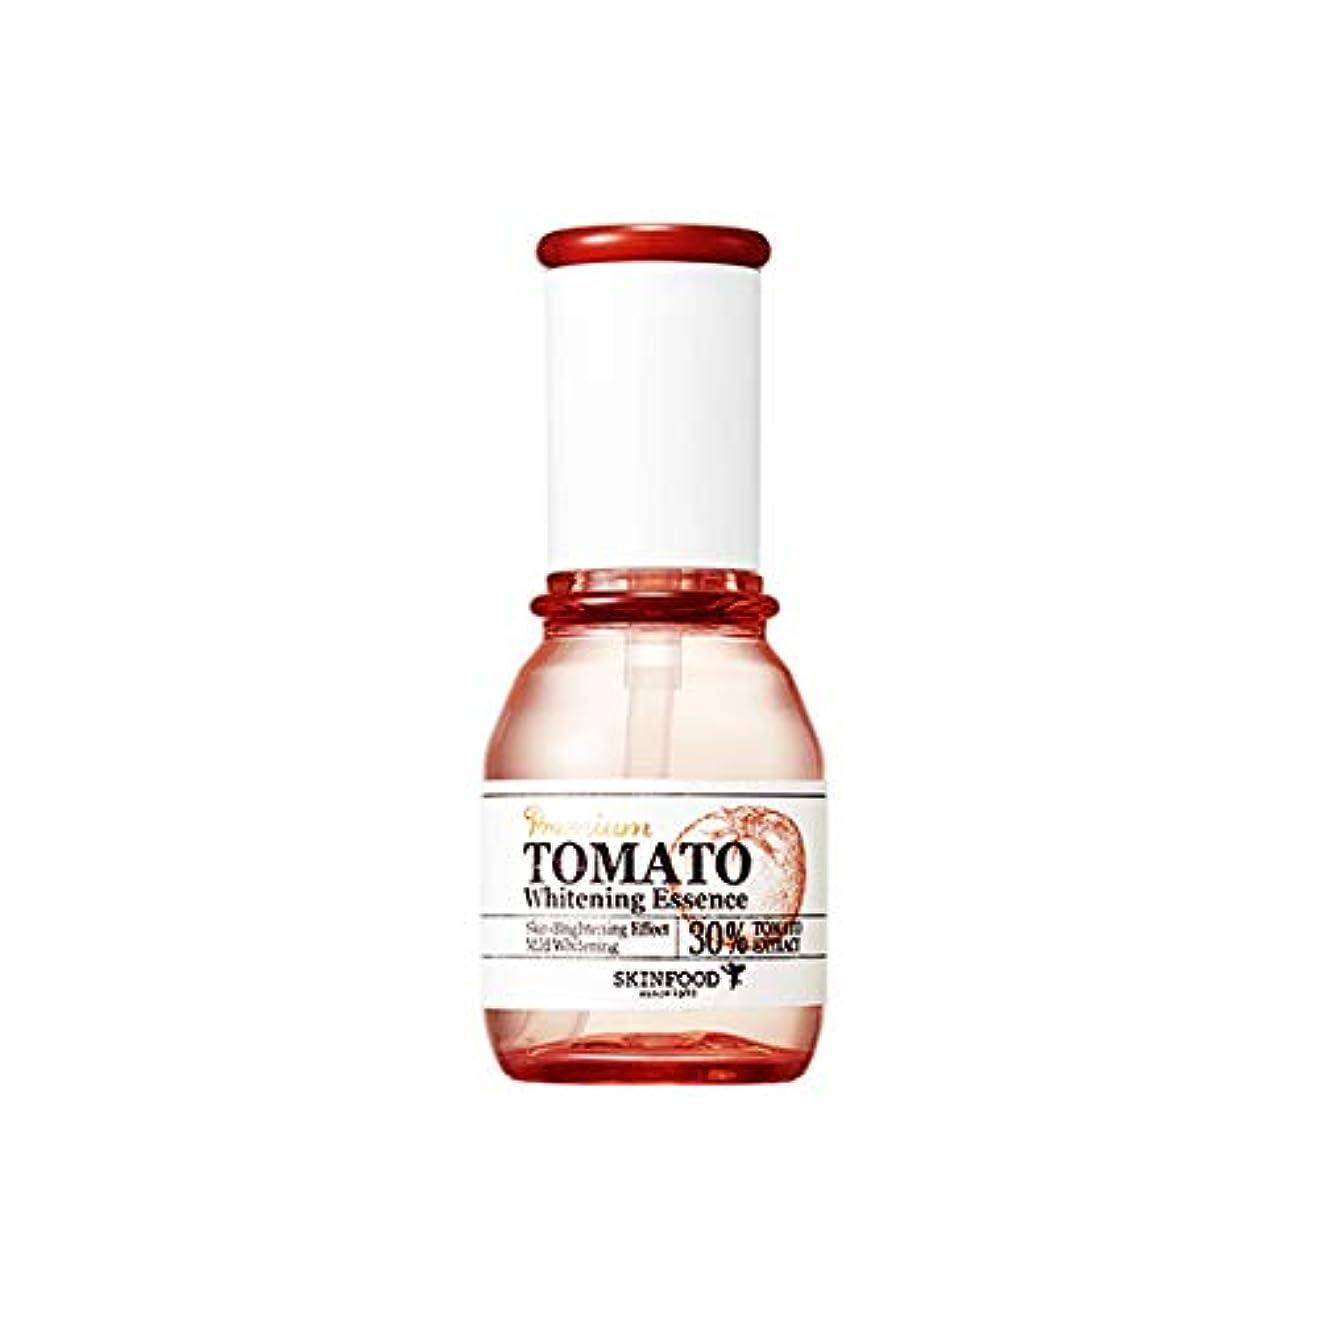 調整可能心のこもった裕福なSkinfood プレミアムトマトホワイトニングエッセンス(美白効果) / Premium Tomato Whitening Essence (Skin-Brightening Effect)50ml [並行輸入品]